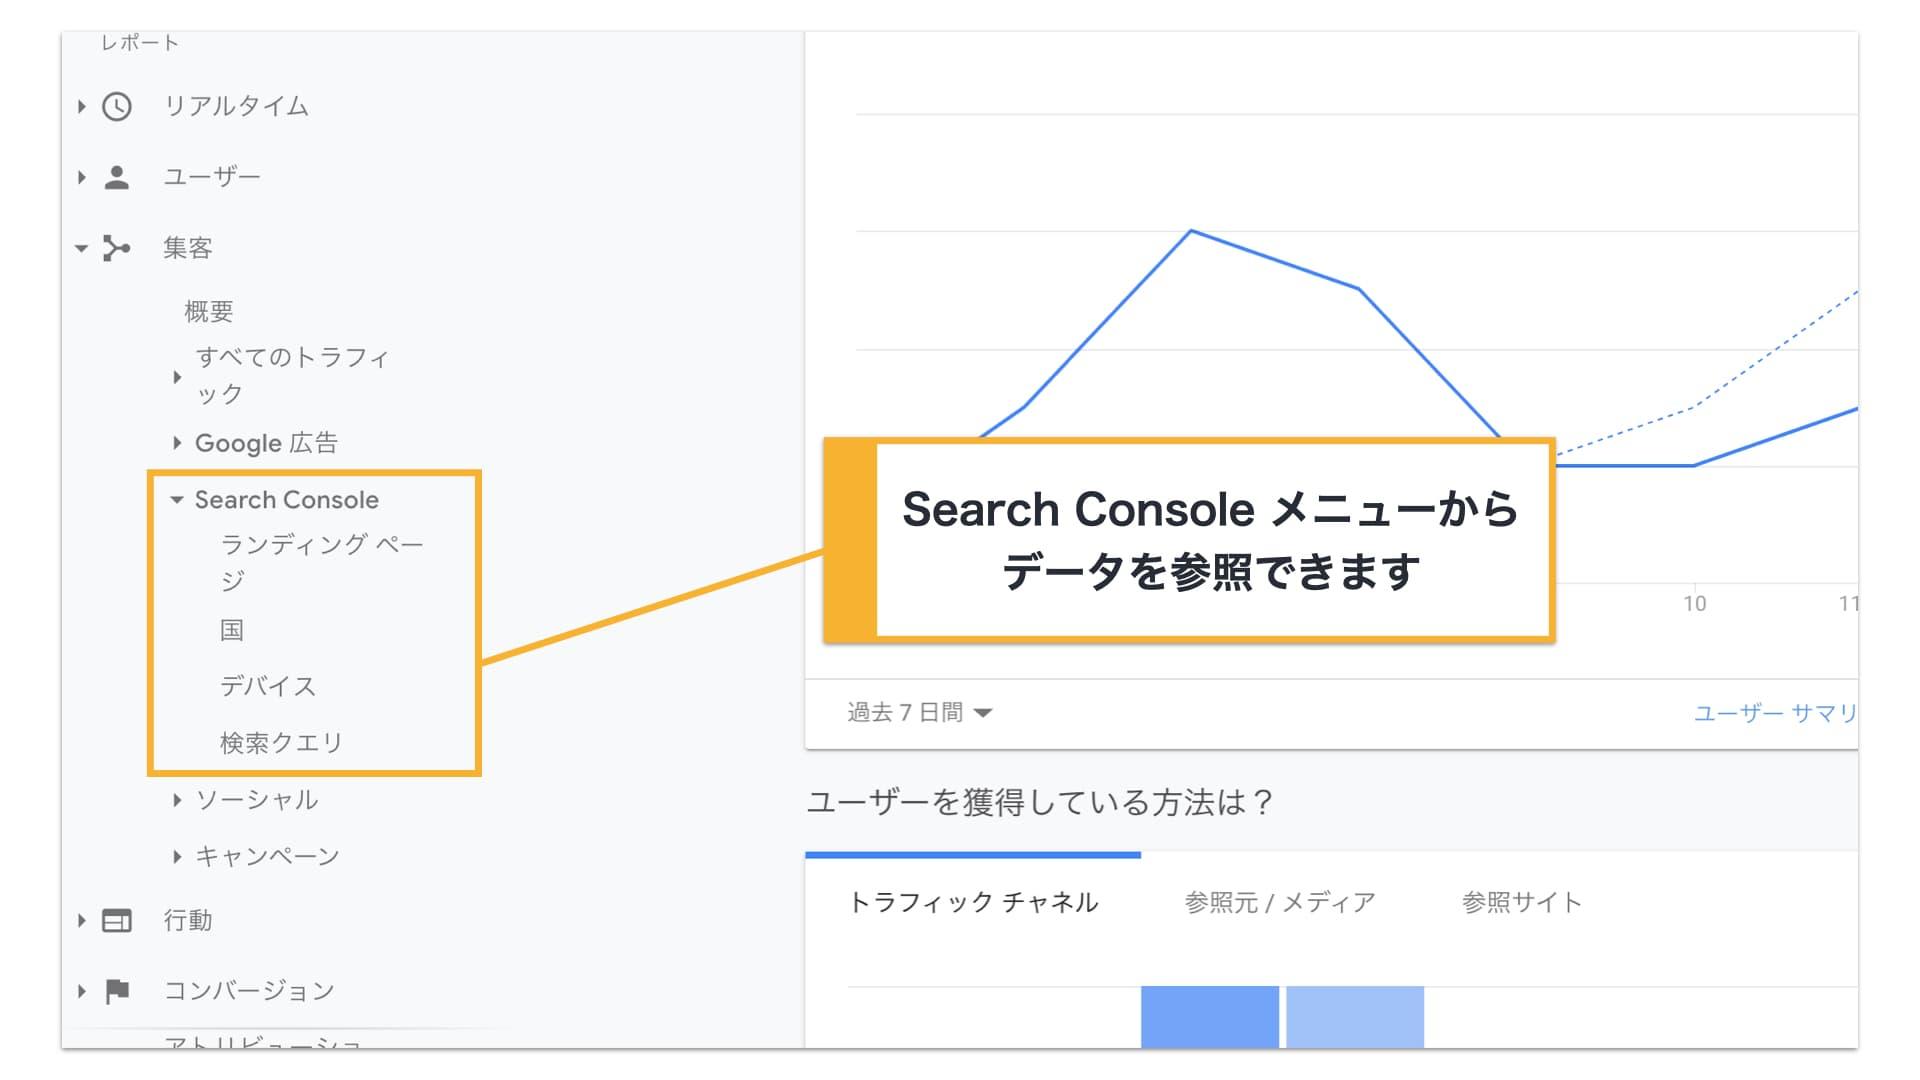 ga-initial-settings-serach-console